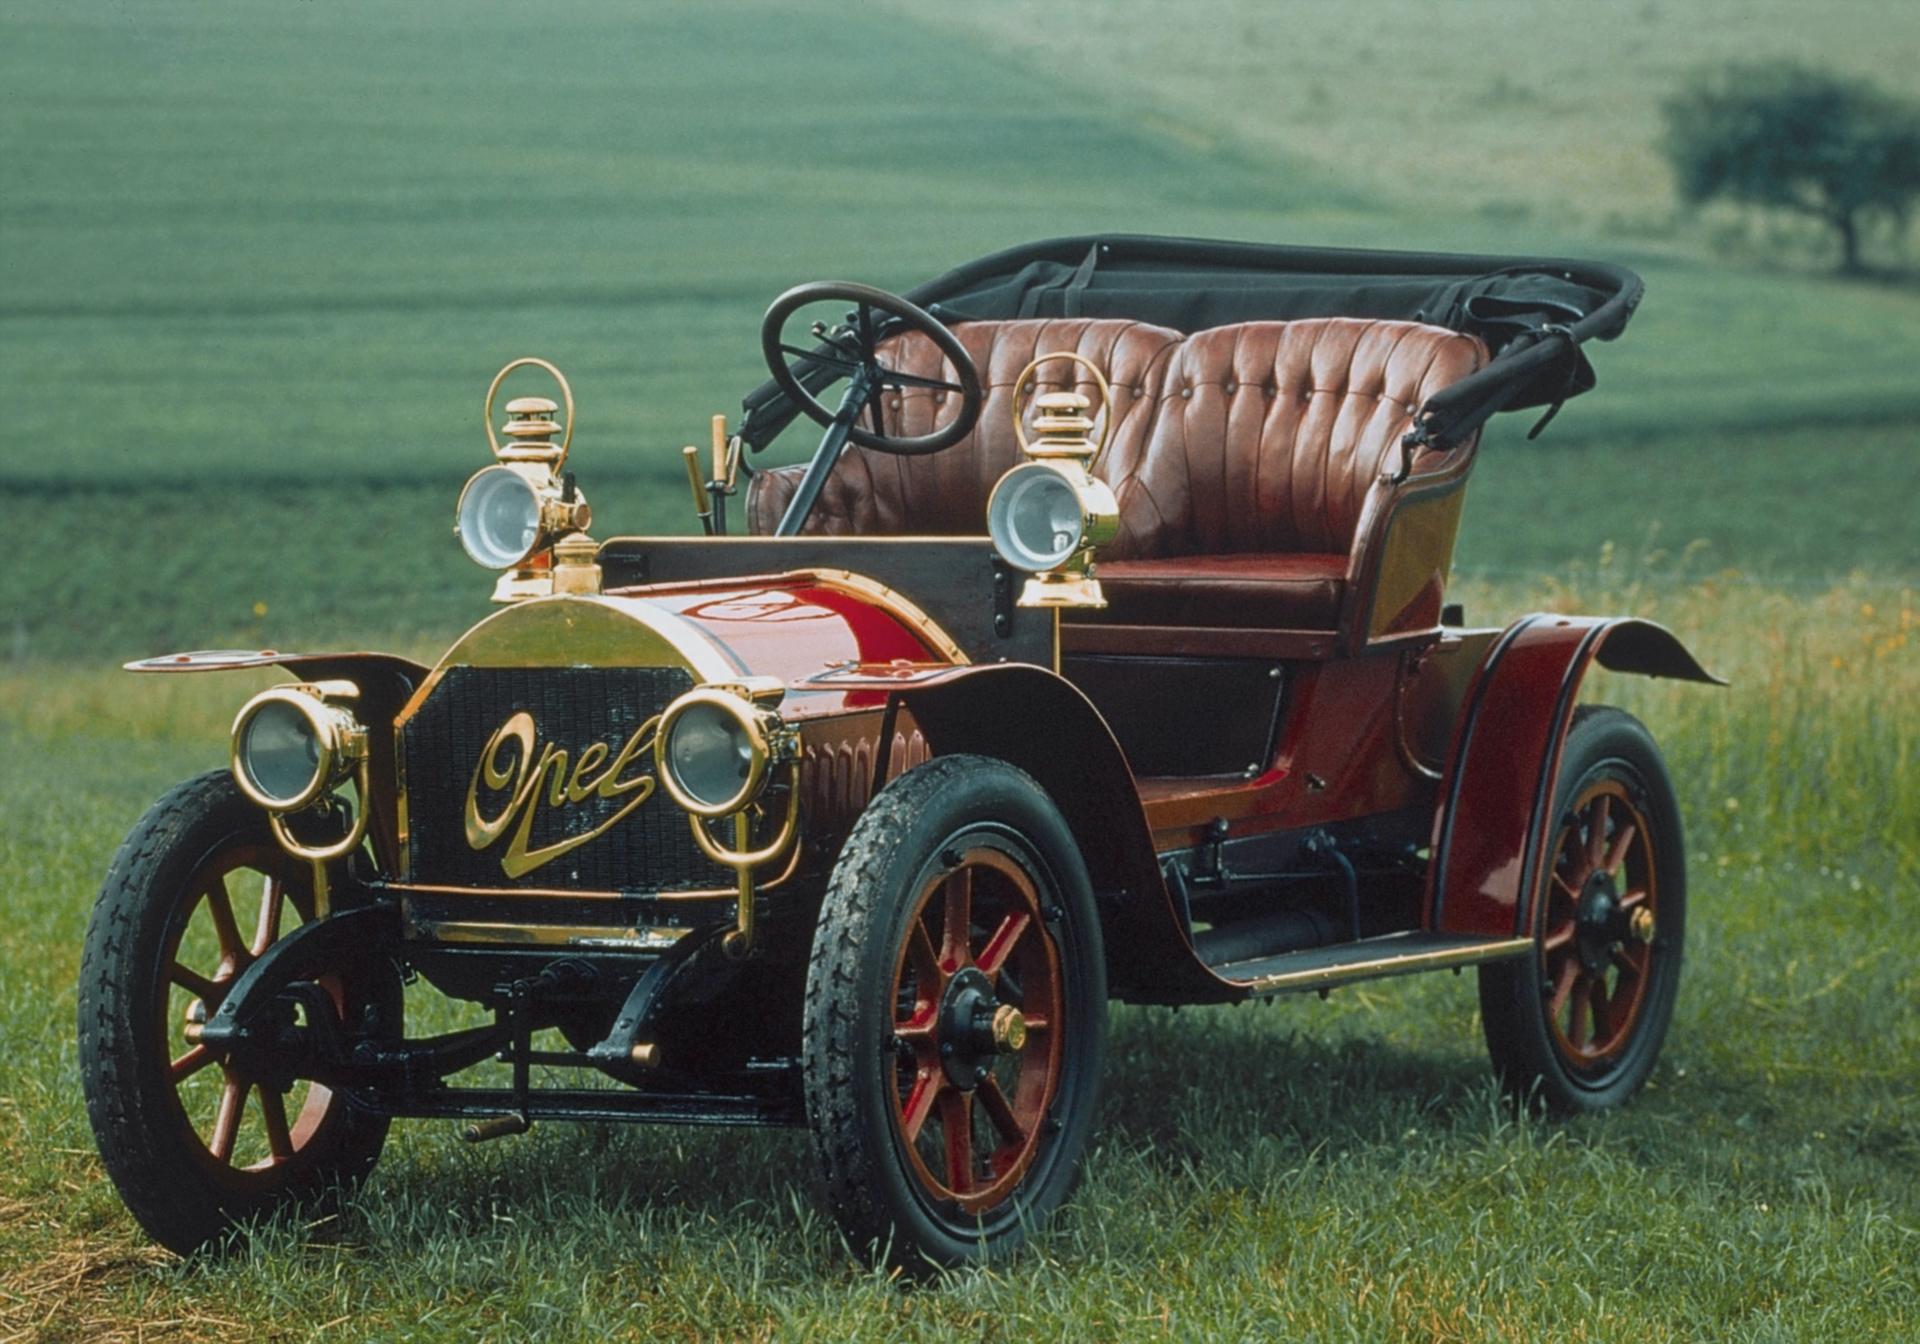 1909 Opel Doktorwagen